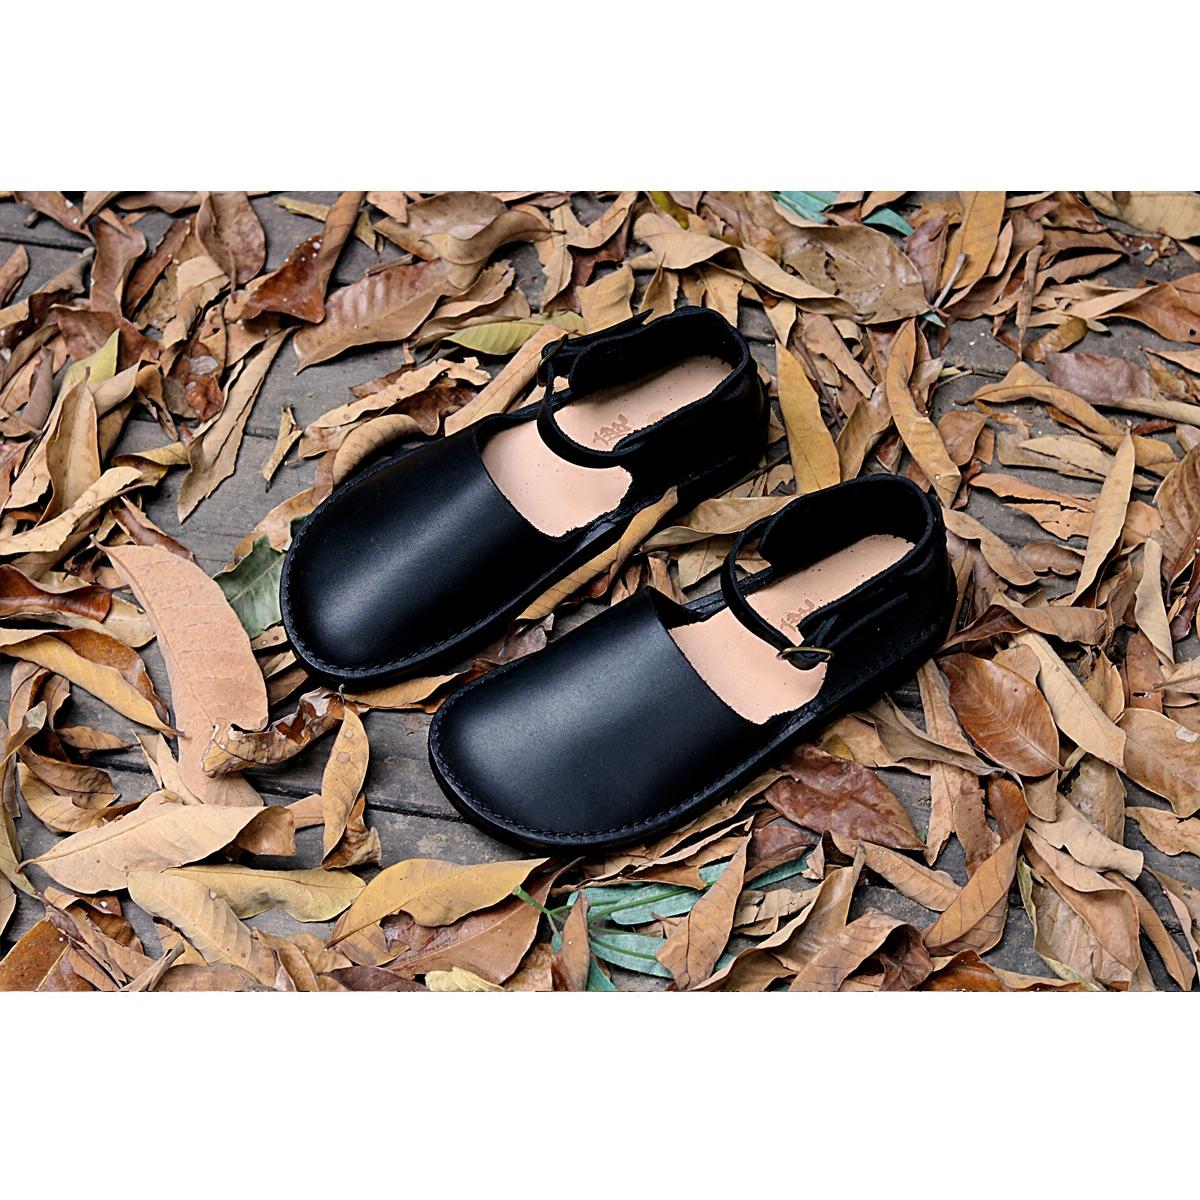 一字款极光鞋 森系复古文艺包头娃娃鞋女 手工牛皮凉鞋 有鹿森品